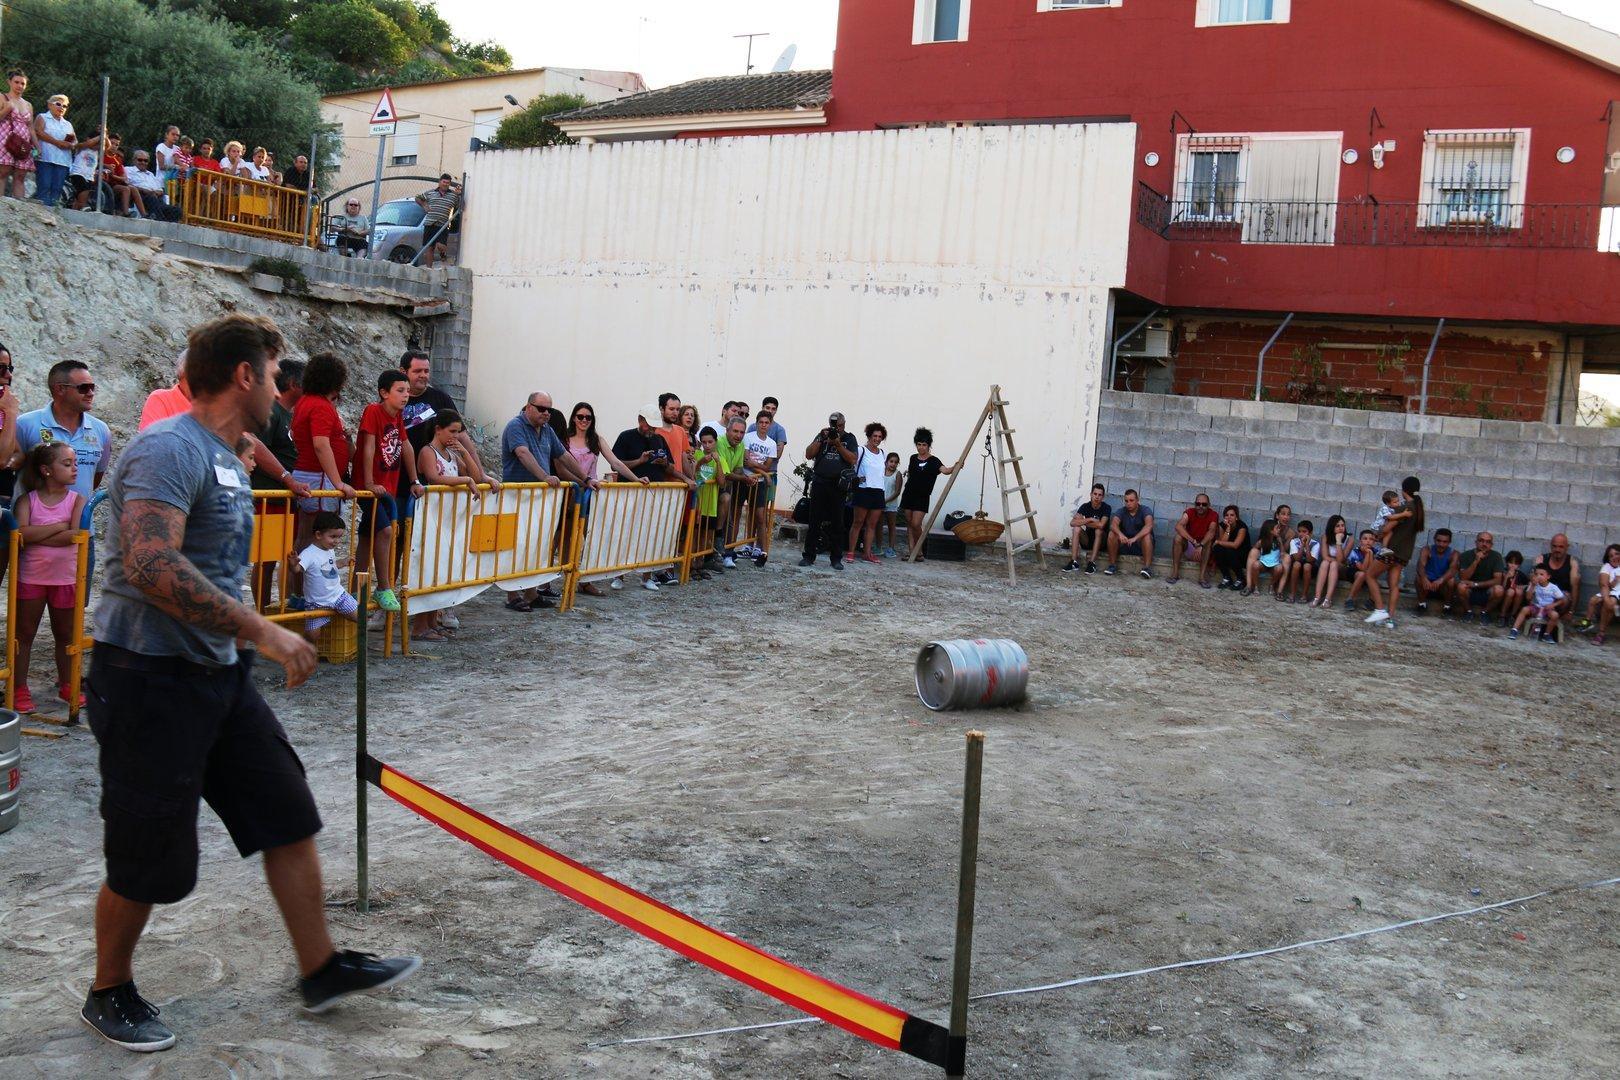 Lanzamiento de Barril 2016, Fiestas El Hurtado , Archena